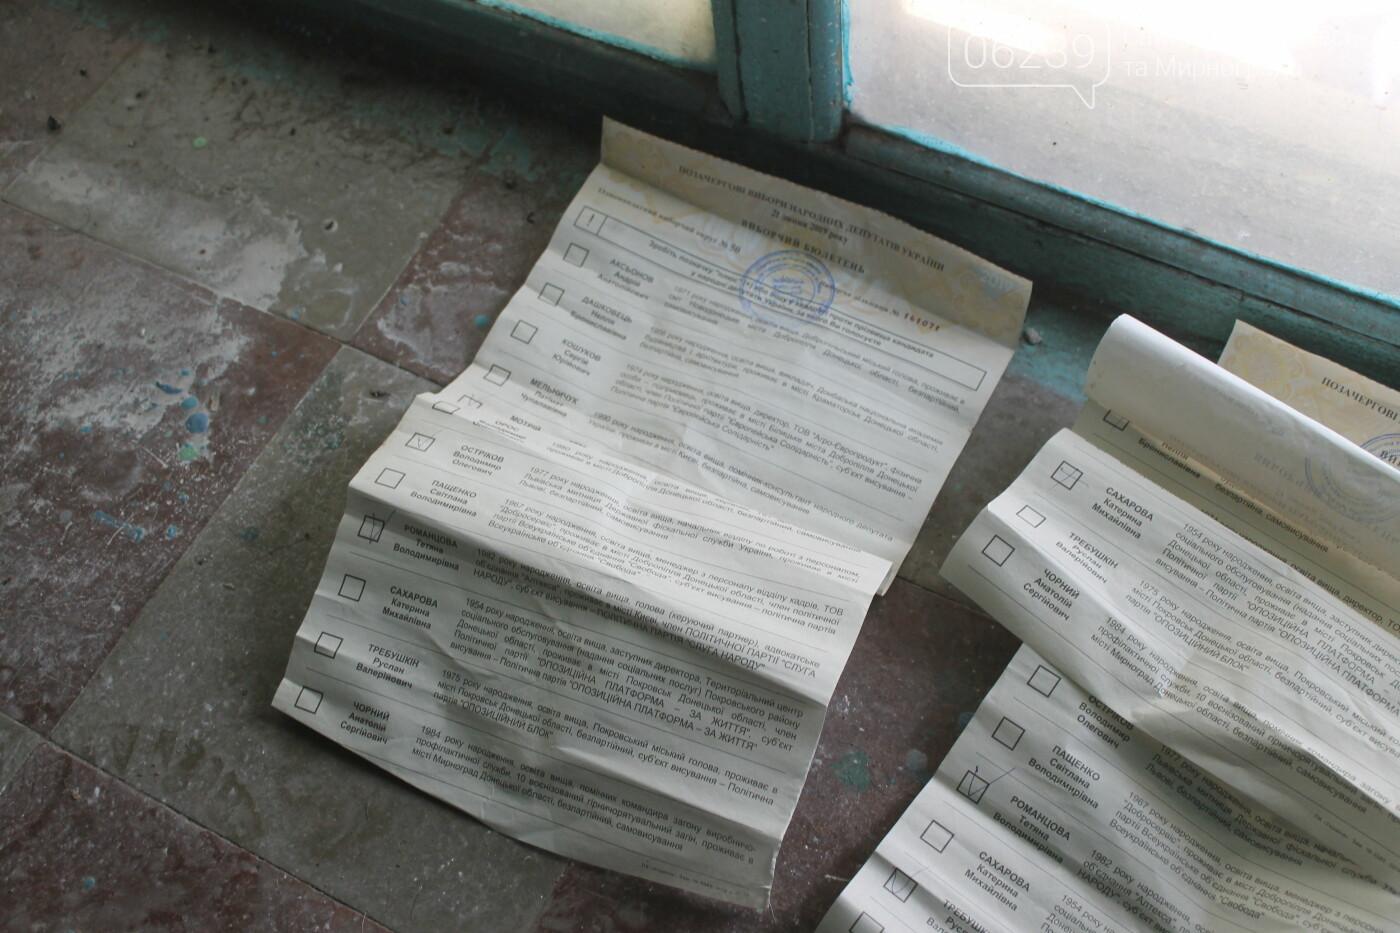 В одном из подъездов Покровска нашли бюллетени с выборов , фото-3